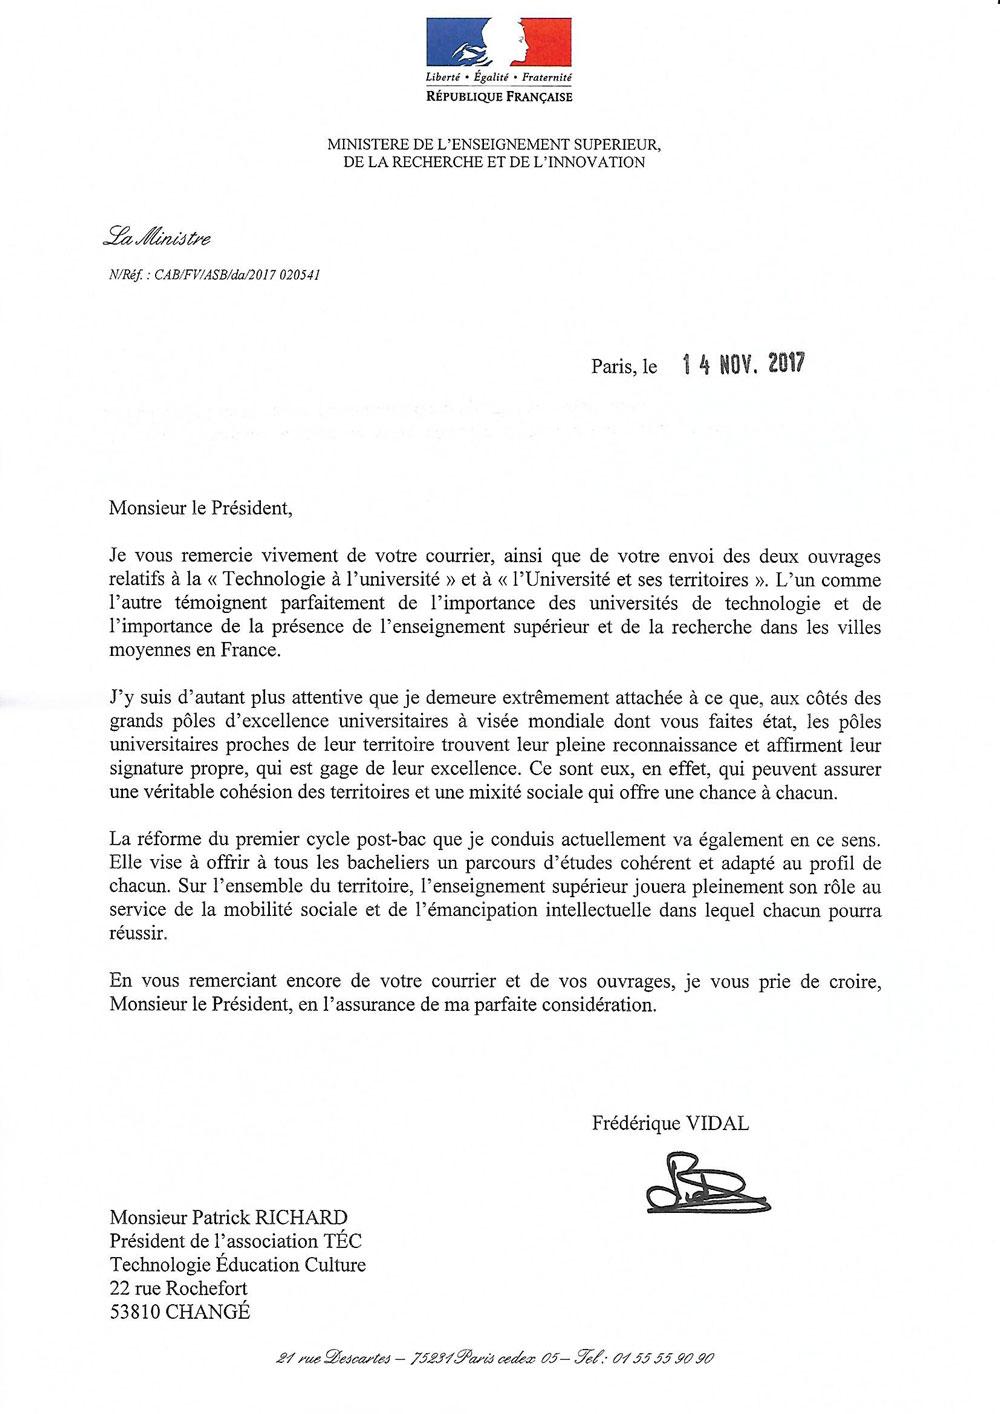 NPDS   Page Spéciale pour impression / Réponse de Frédérique VIDAL